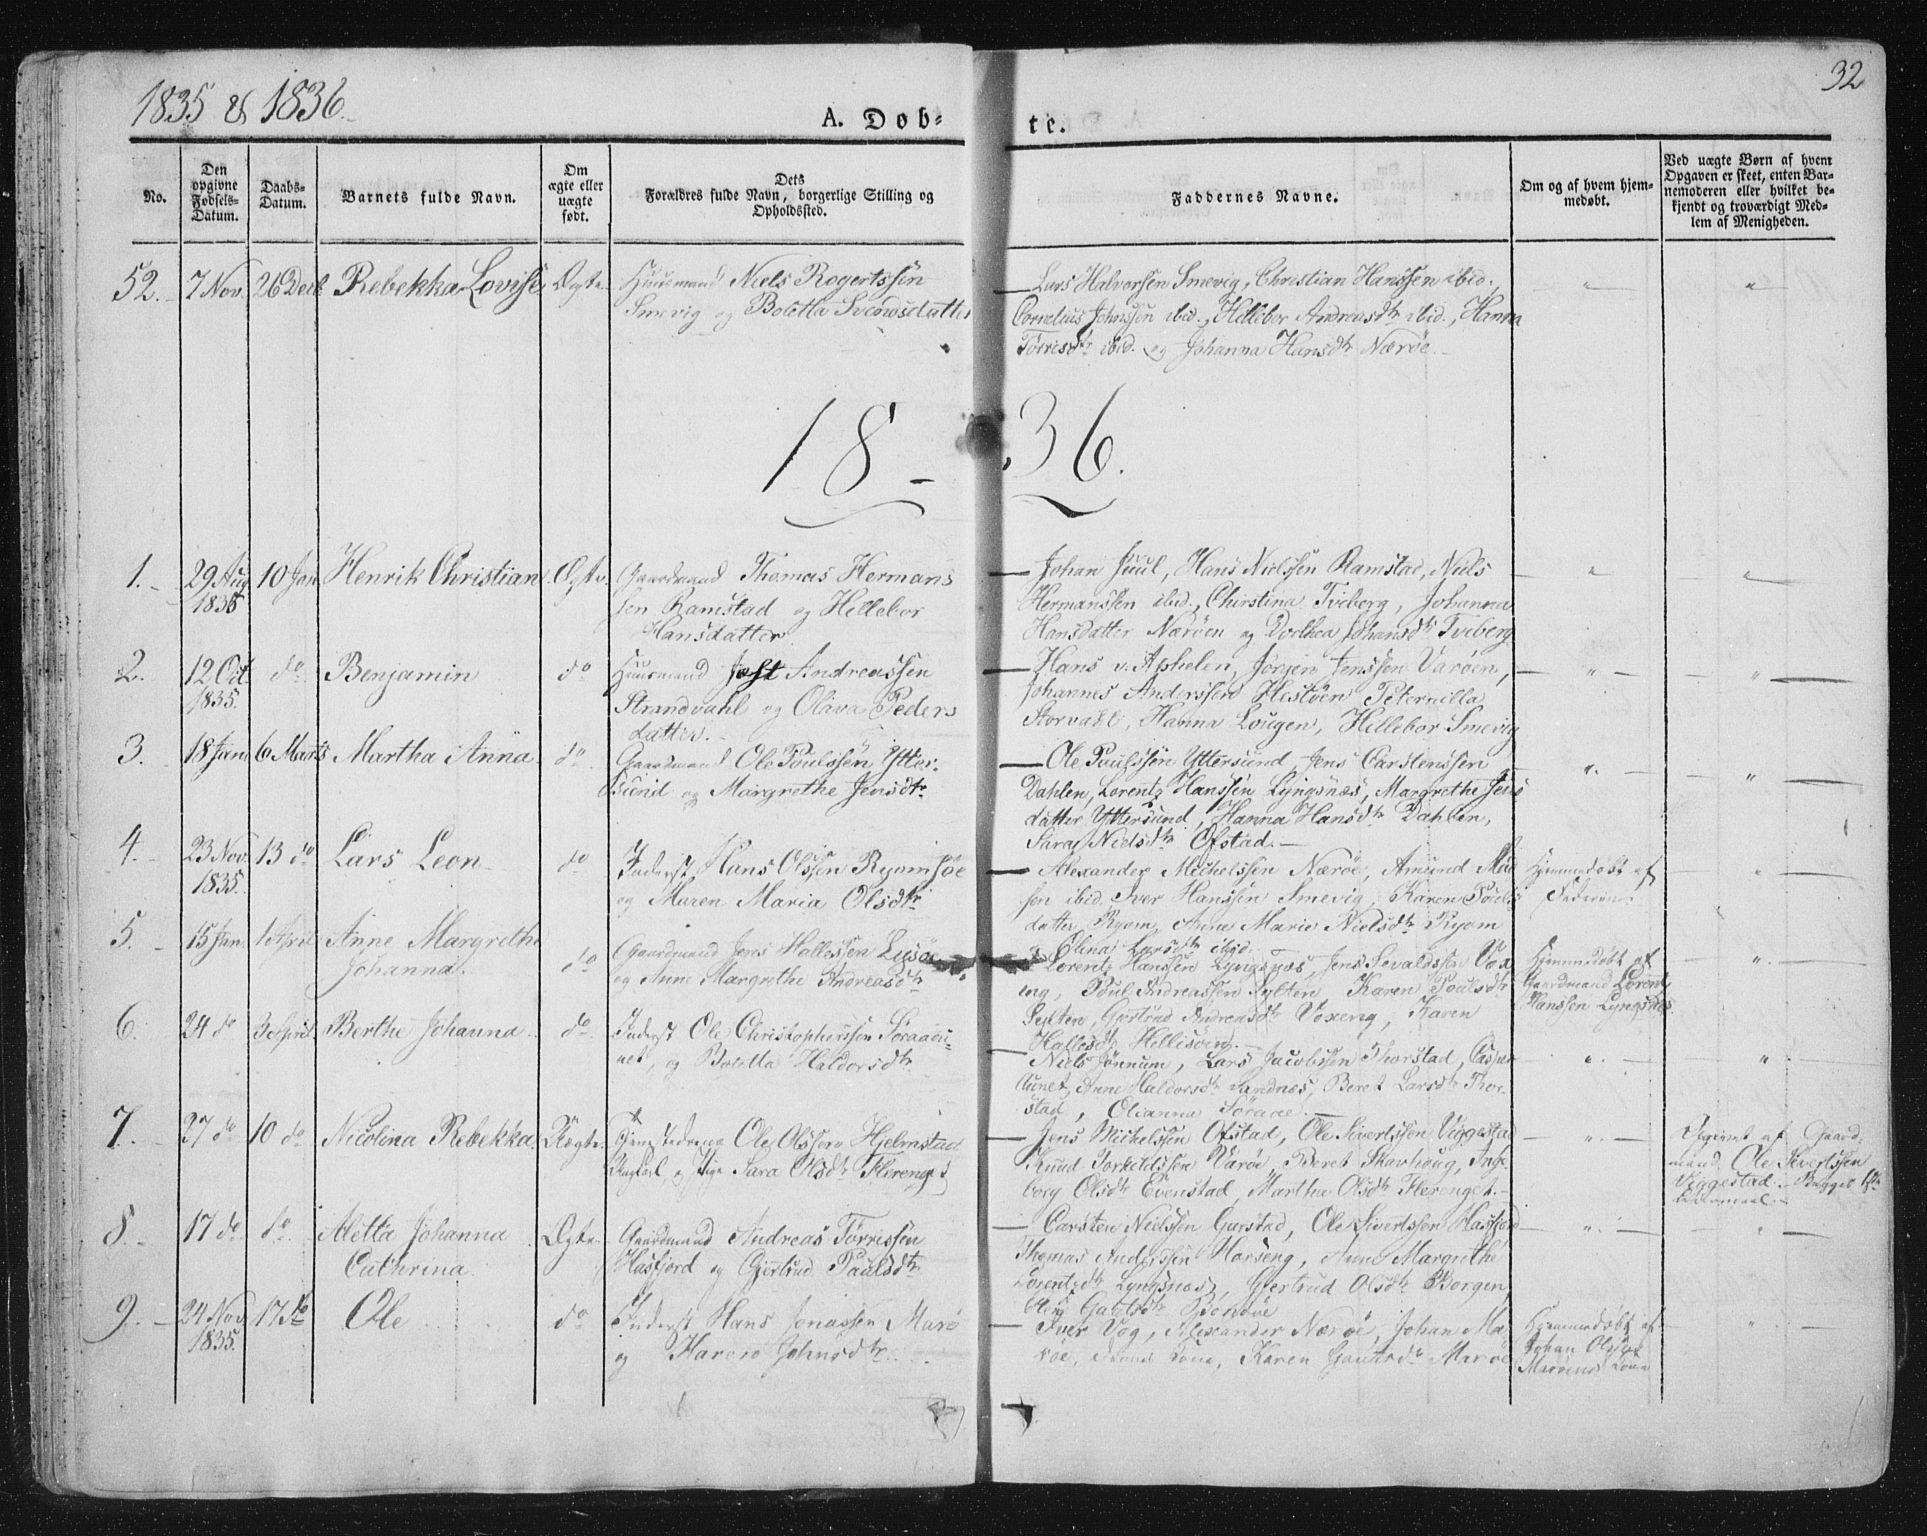 SAT, Ministerialprotokoller, klokkerbøker og fødselsregistre - Nord-Trøndelag, 784/L0669: Ministerialbok nr. 784A04, 1829-1859, s. 32